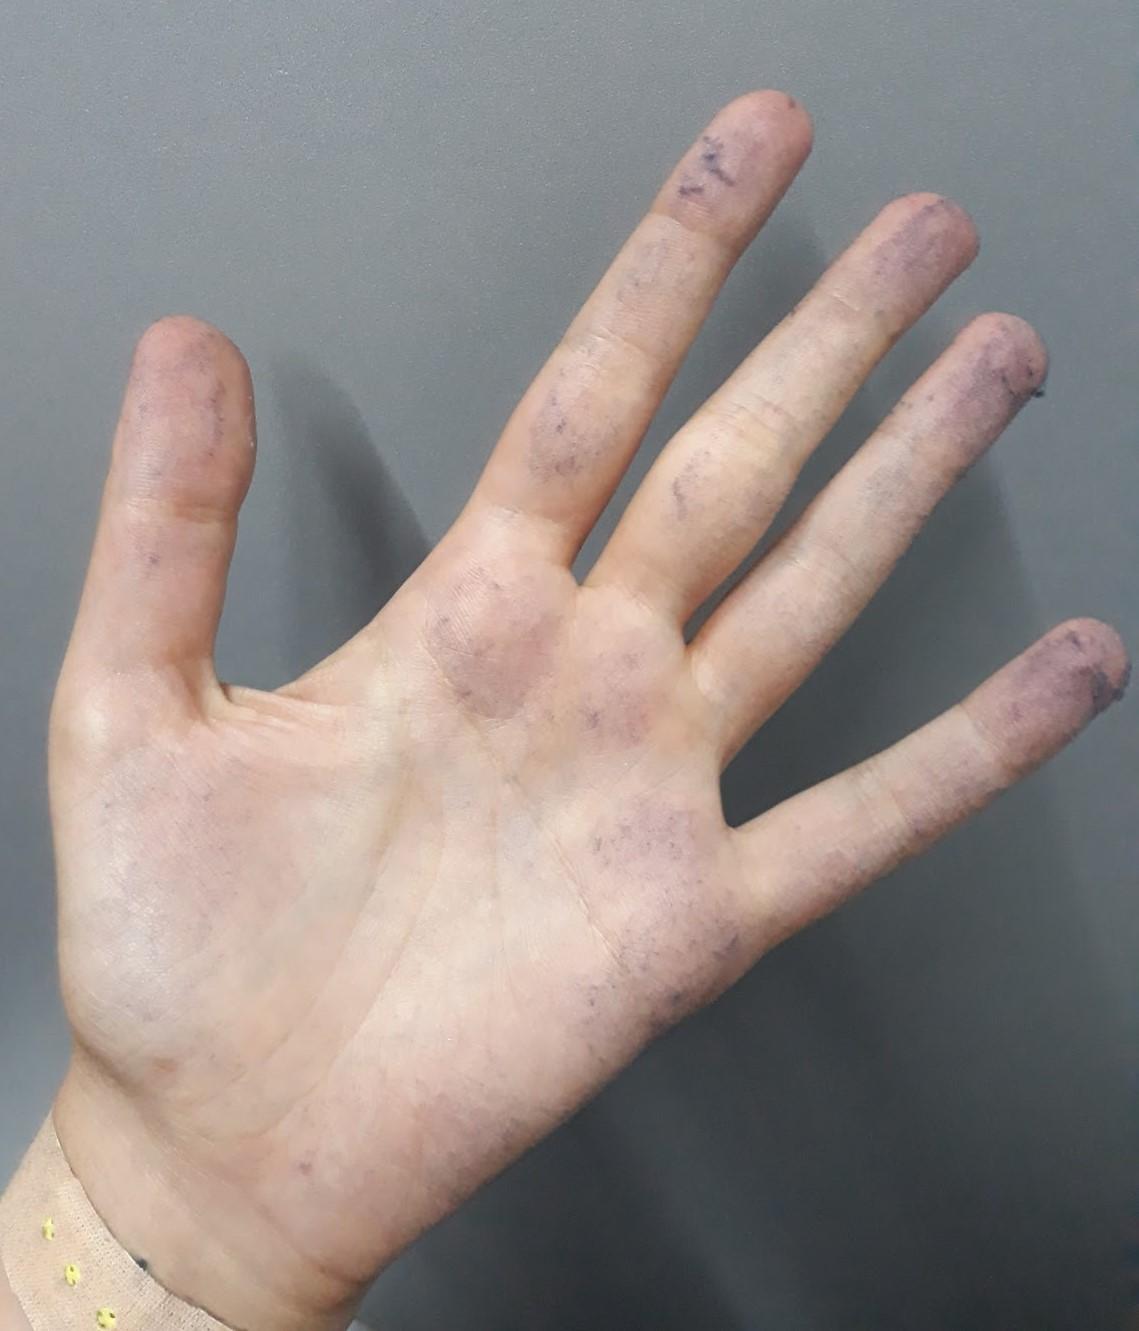 ჯინსებთან მუშაობისას ლურჯი მტვერი წარმოიქმნება, რომელიც ყველა ზედაპირზე რჩება, მათ შორის დასაქმებულთა ხელებზეც. ფოტო: თამუნა ჩქარეული.